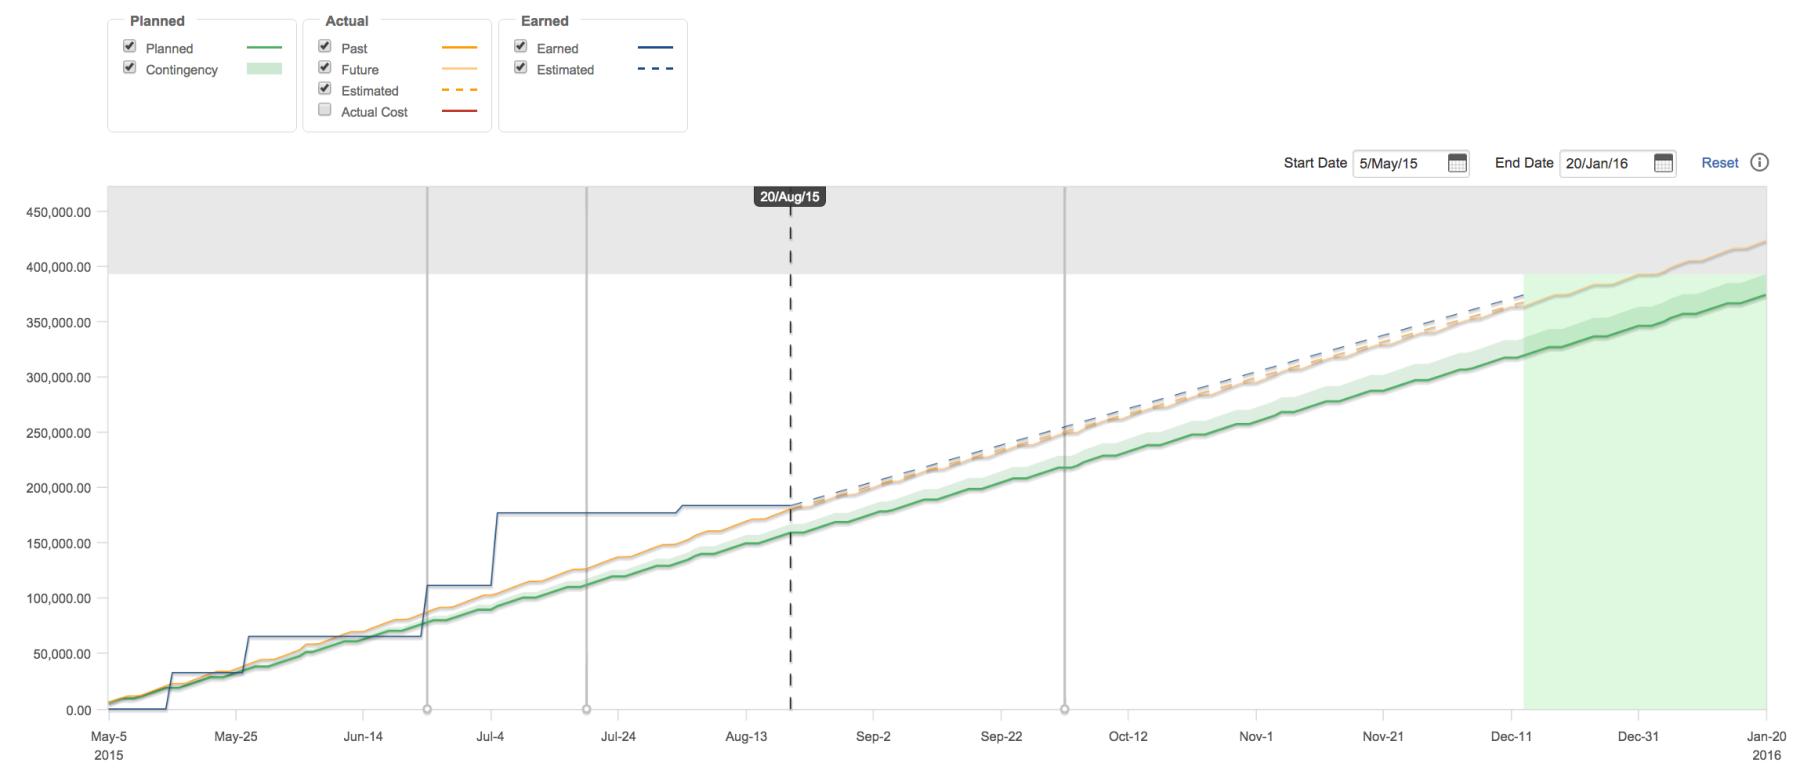 Tempo Folio Actual cost curve